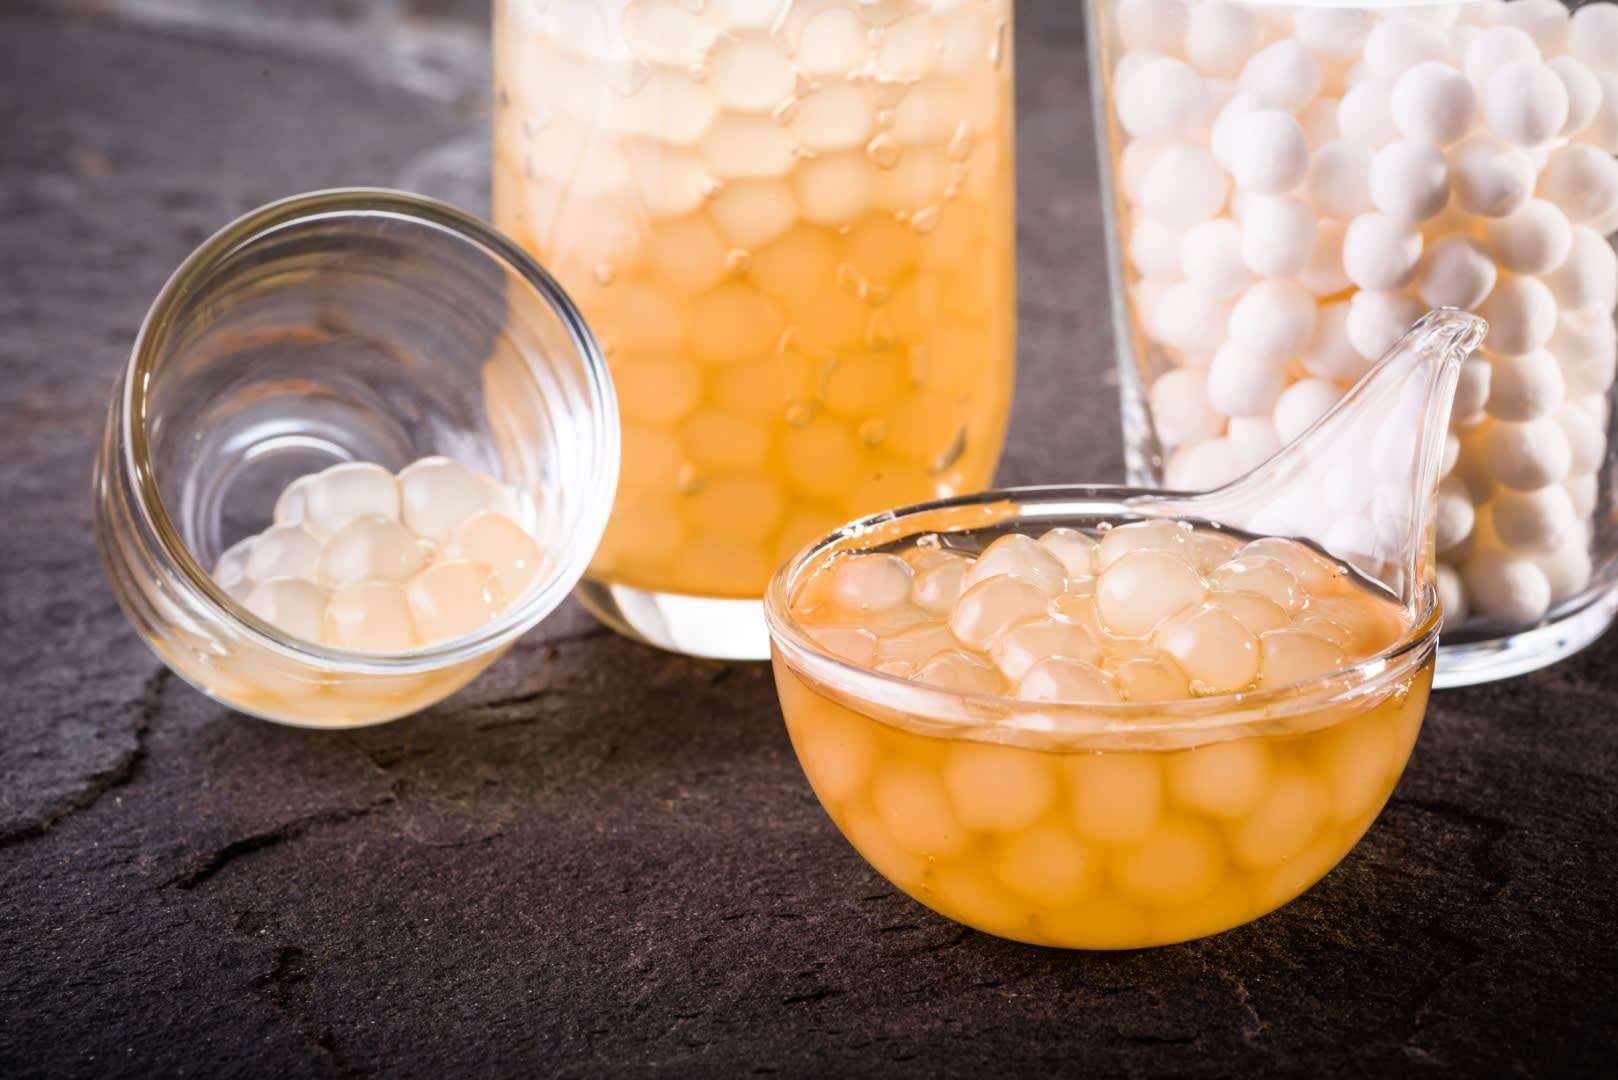 迷客夏也堅持製作完全沒有染色的木薯做成的白珍珠,Q彈又帶有蜜香